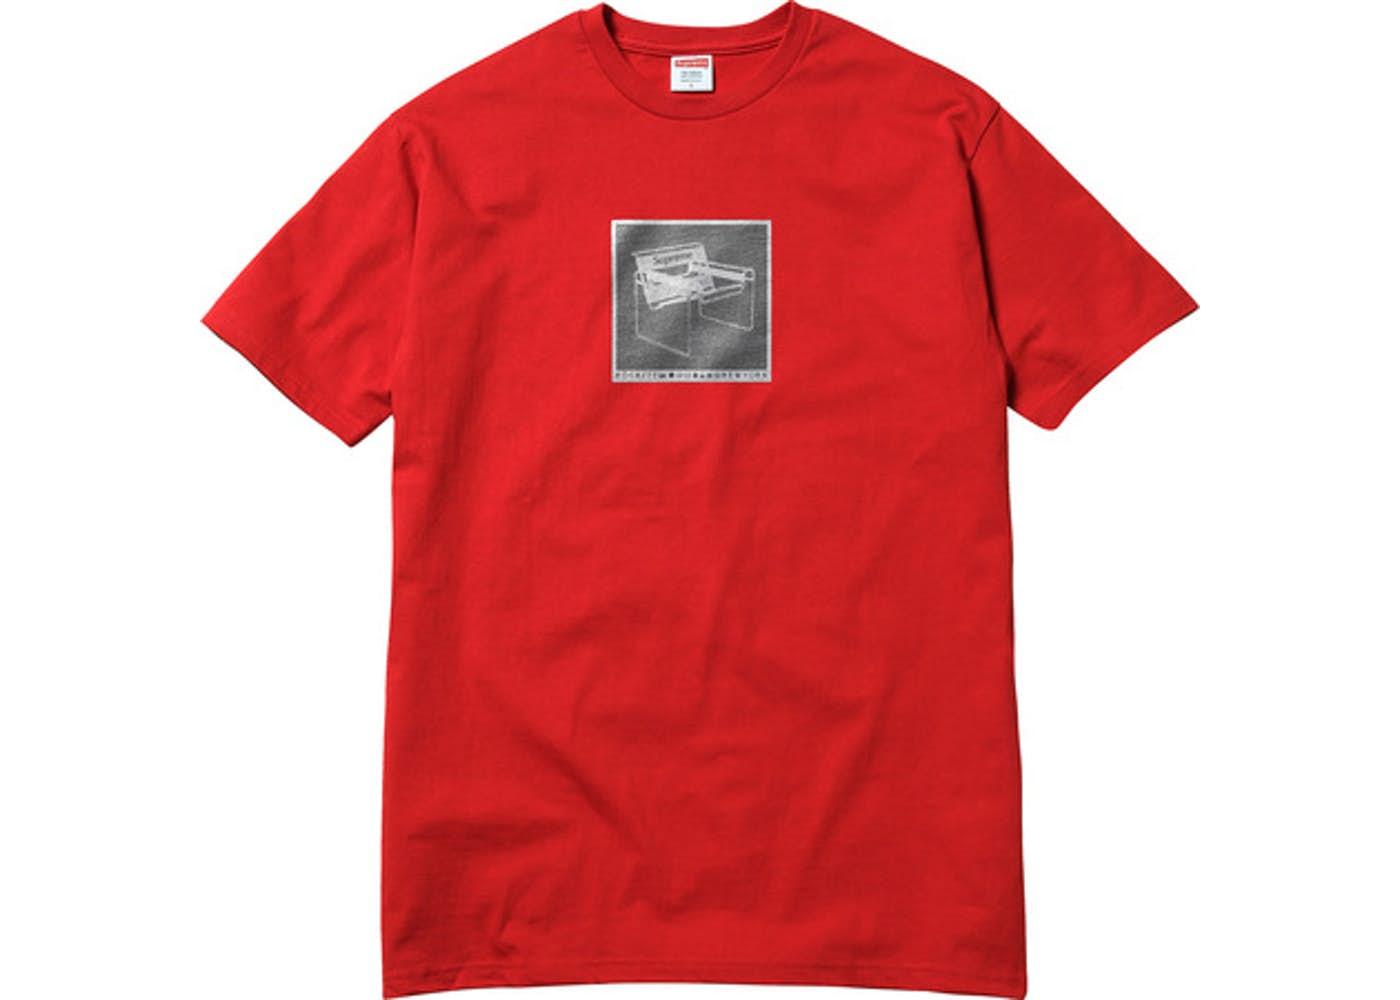 画像1: SUPREME CHAIR TEE | シュプリーム チェア Tシャツ (1)